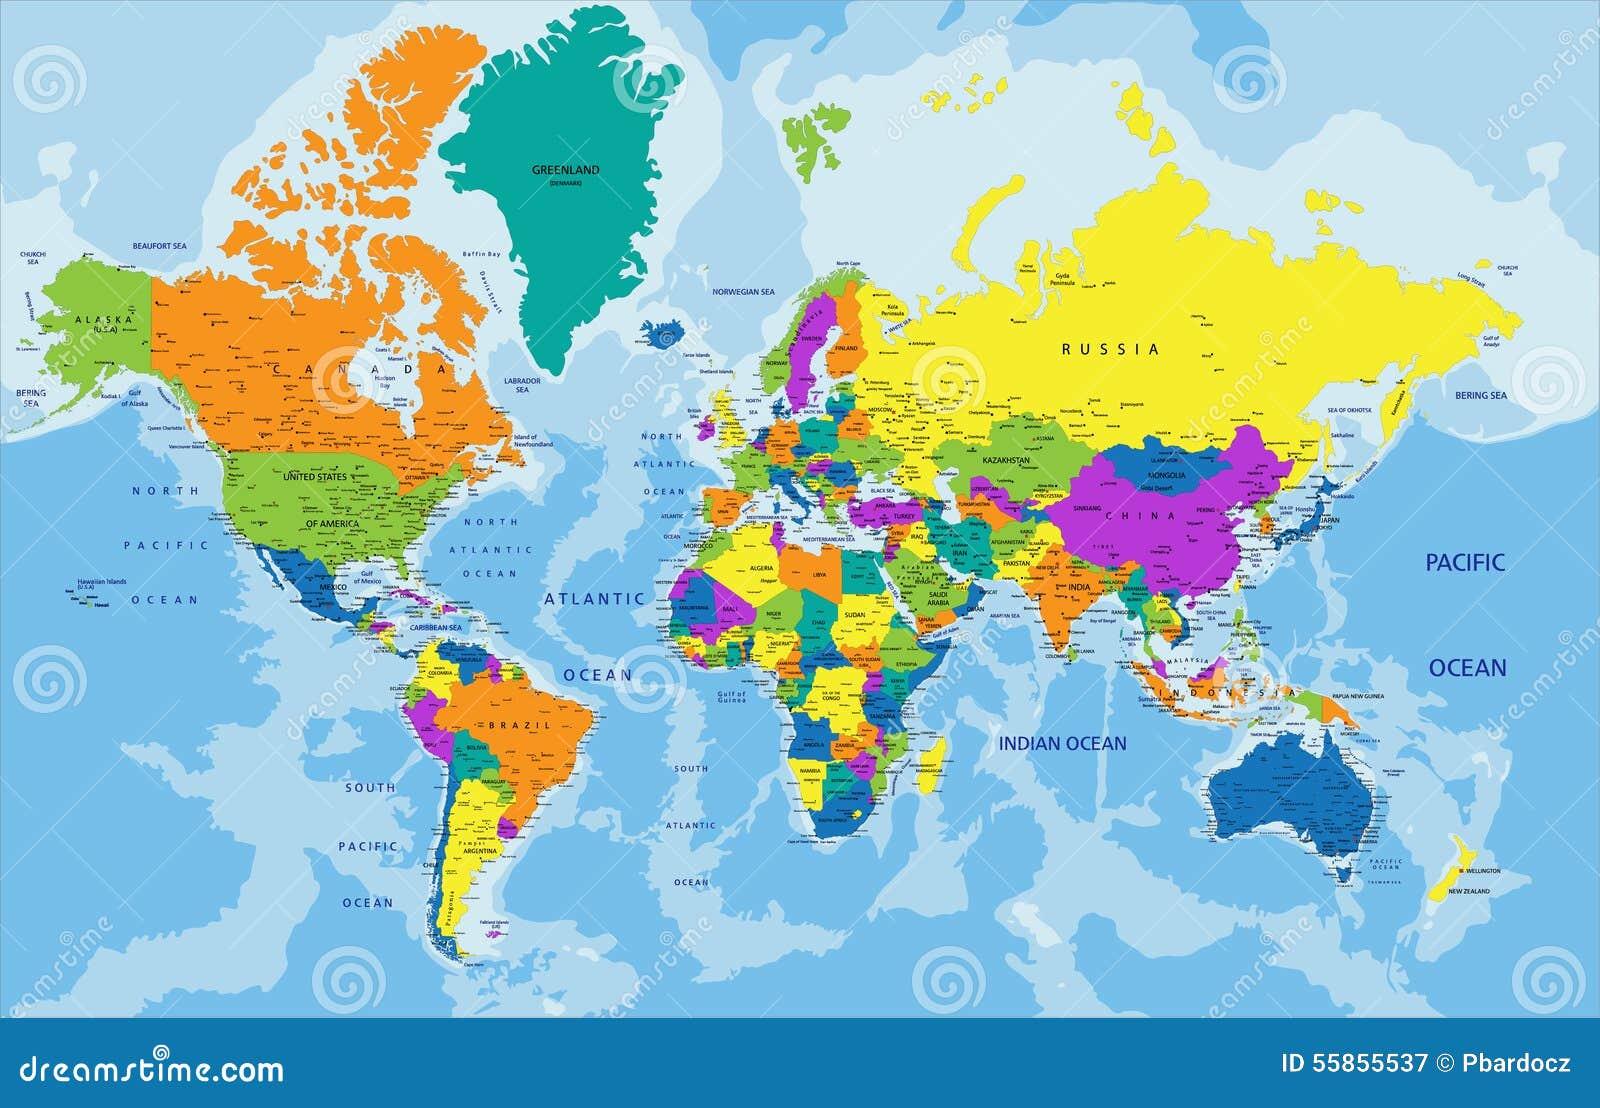 五颜六色的与标记的世界政治地图库存例证- 图片: 55855537